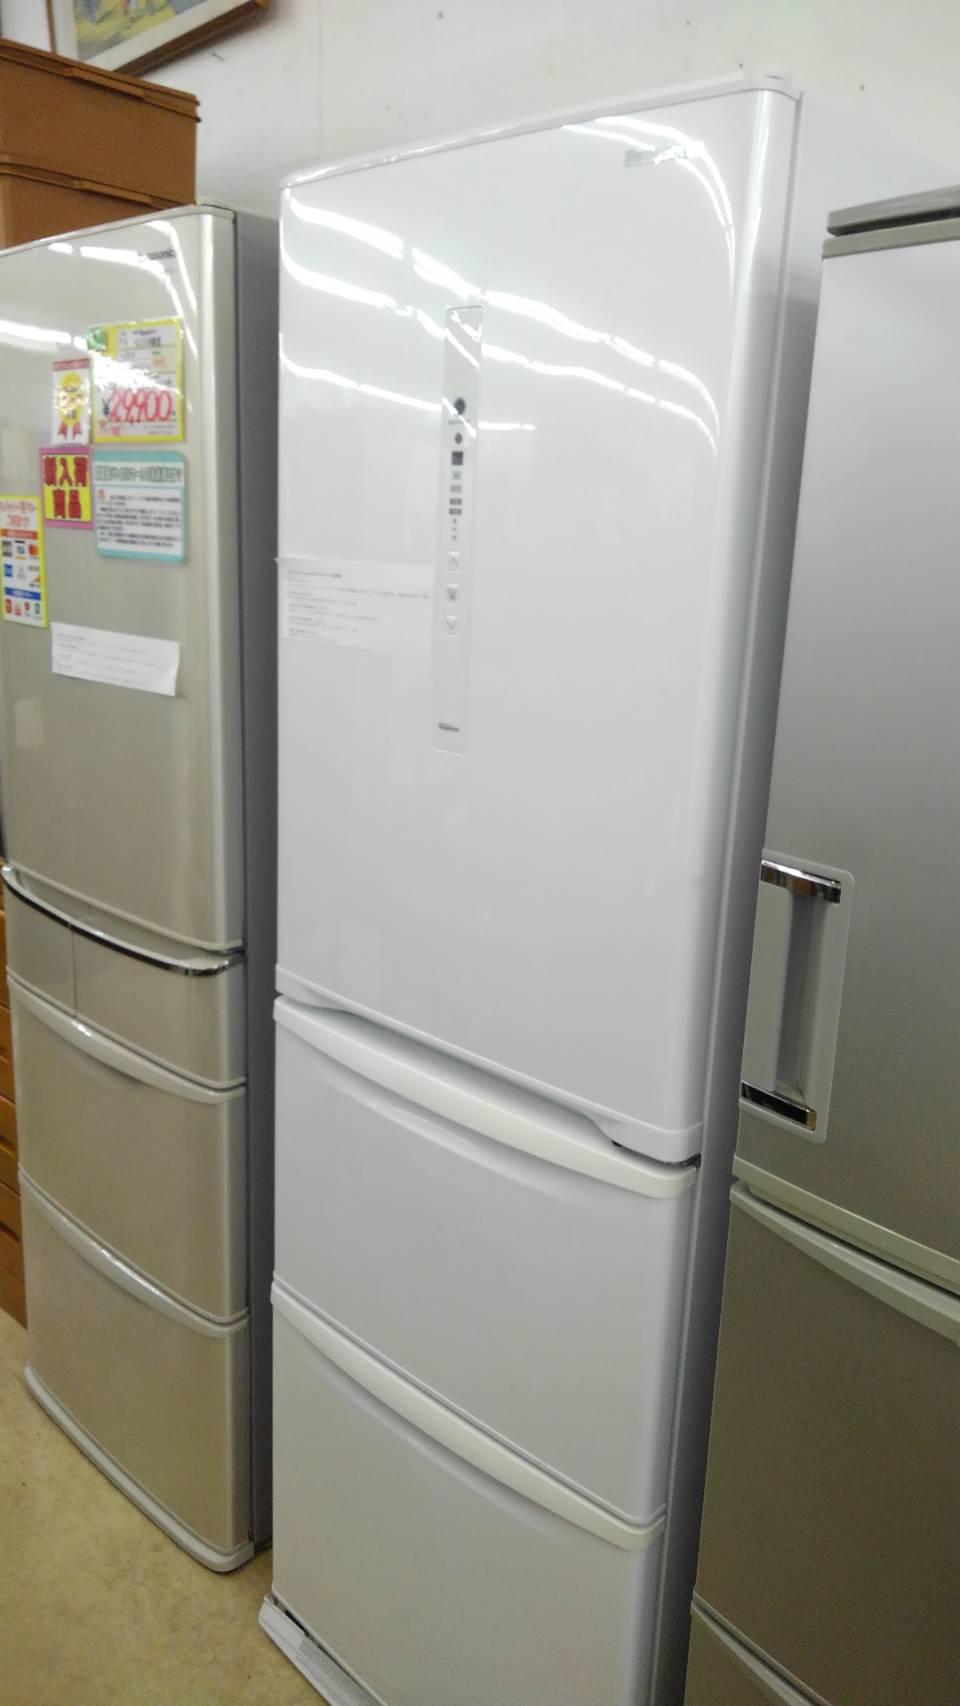 【panasonic パナソニック ファミリー冷蔵庫 365l冷蔵庫 2018年製 NR-C37HC-W】買い取り致しました! の買取-